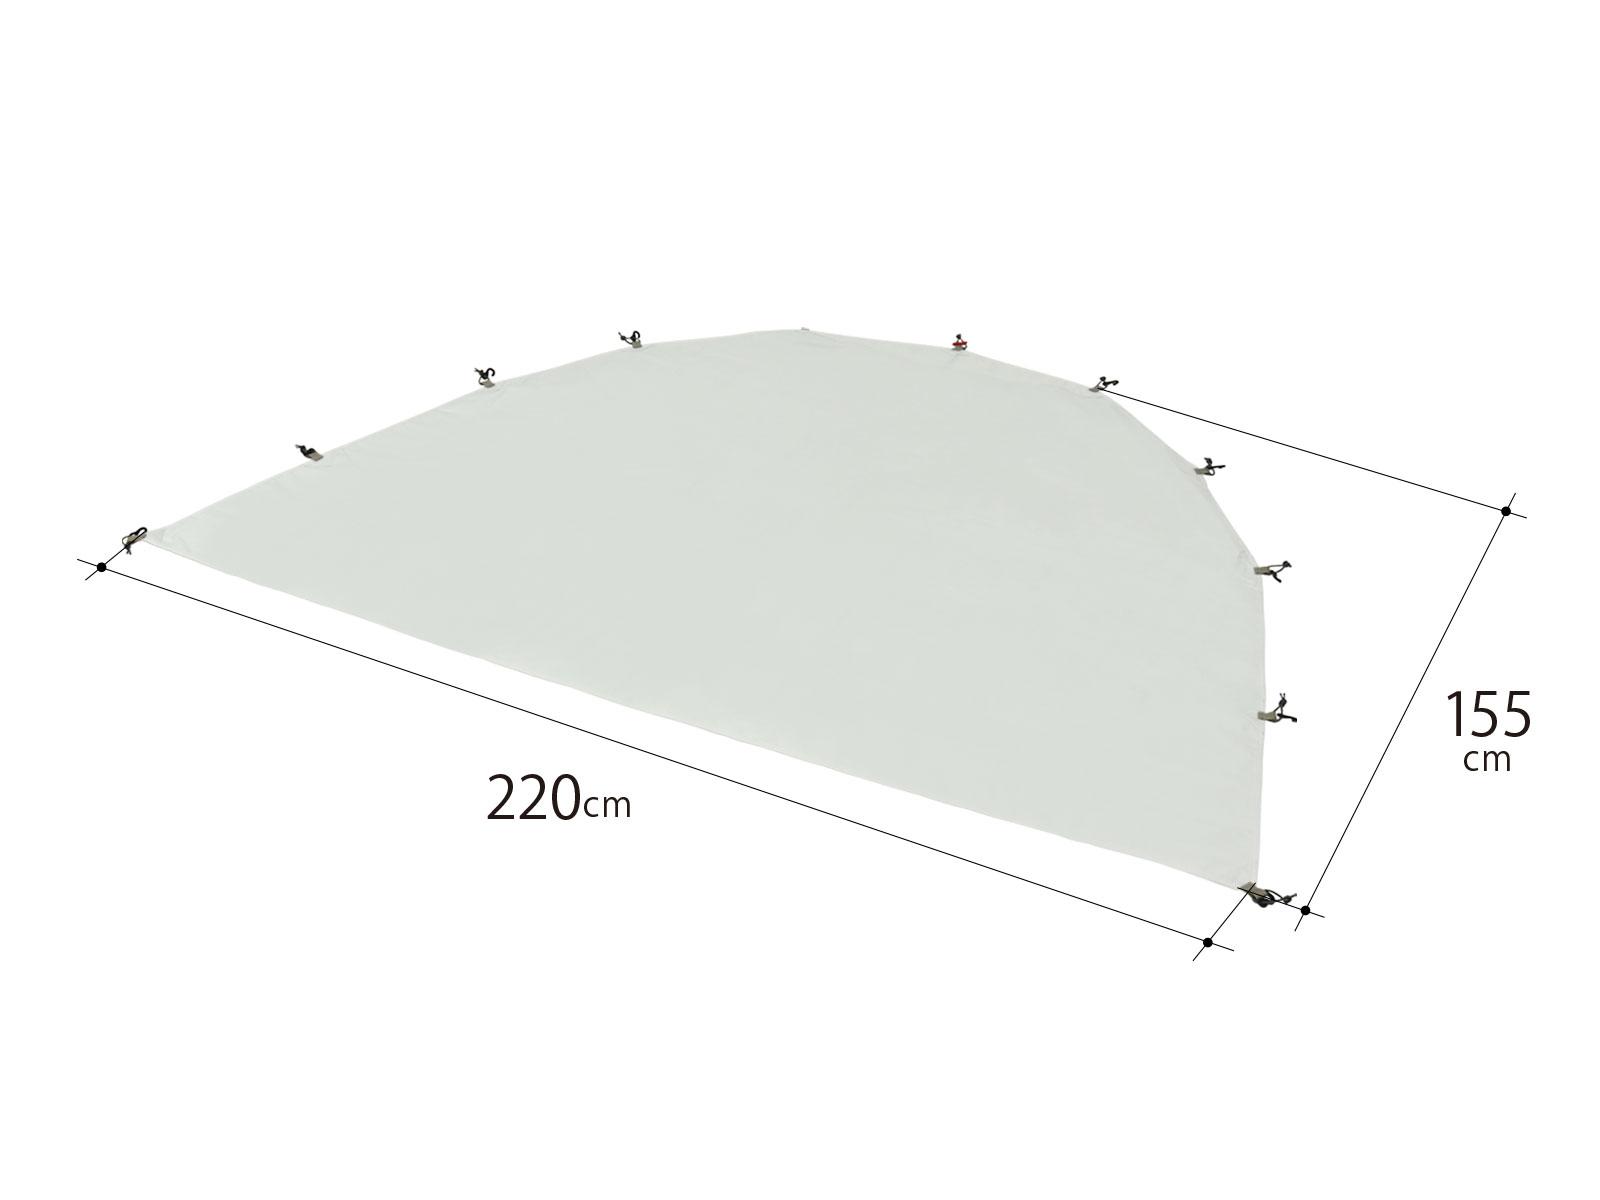 カマボコシアターSのサイズ画像